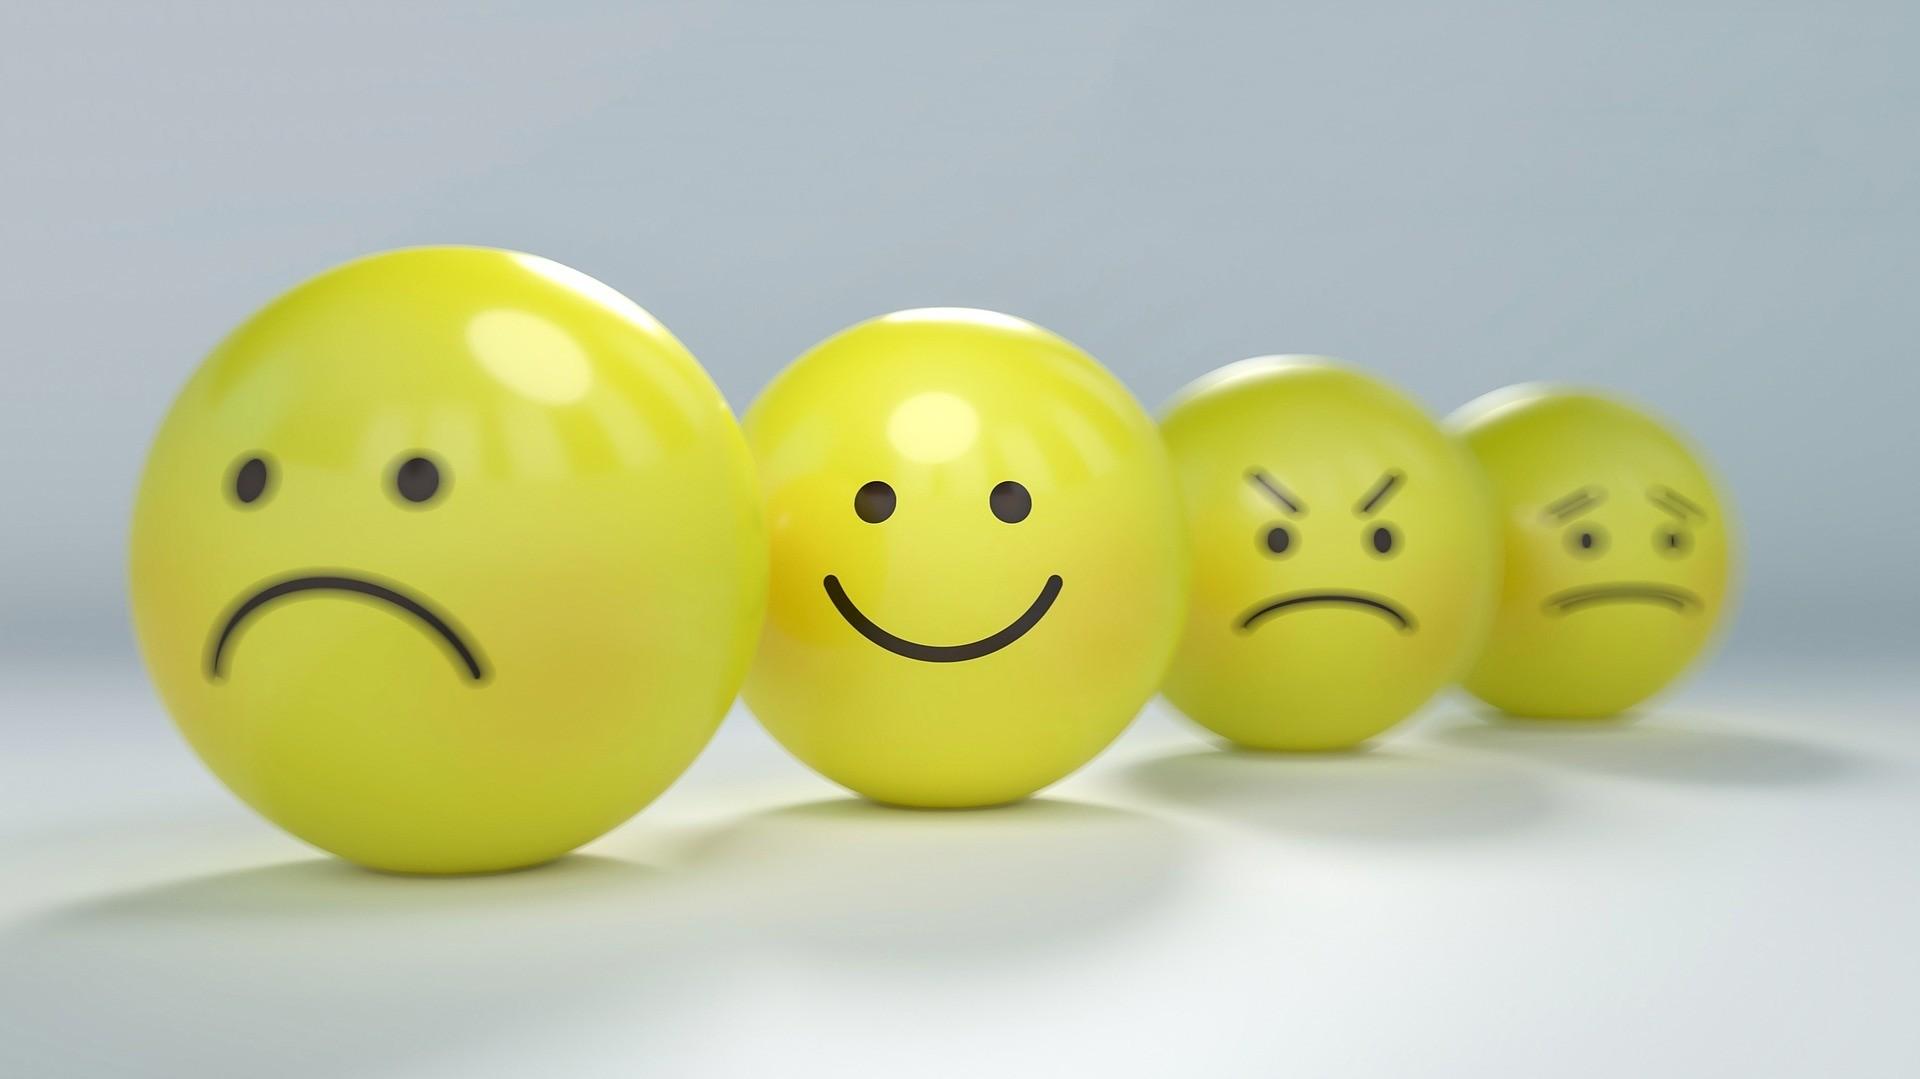 Честный тест на эмоциональный интеллект, который заставит тебя прокачать себя